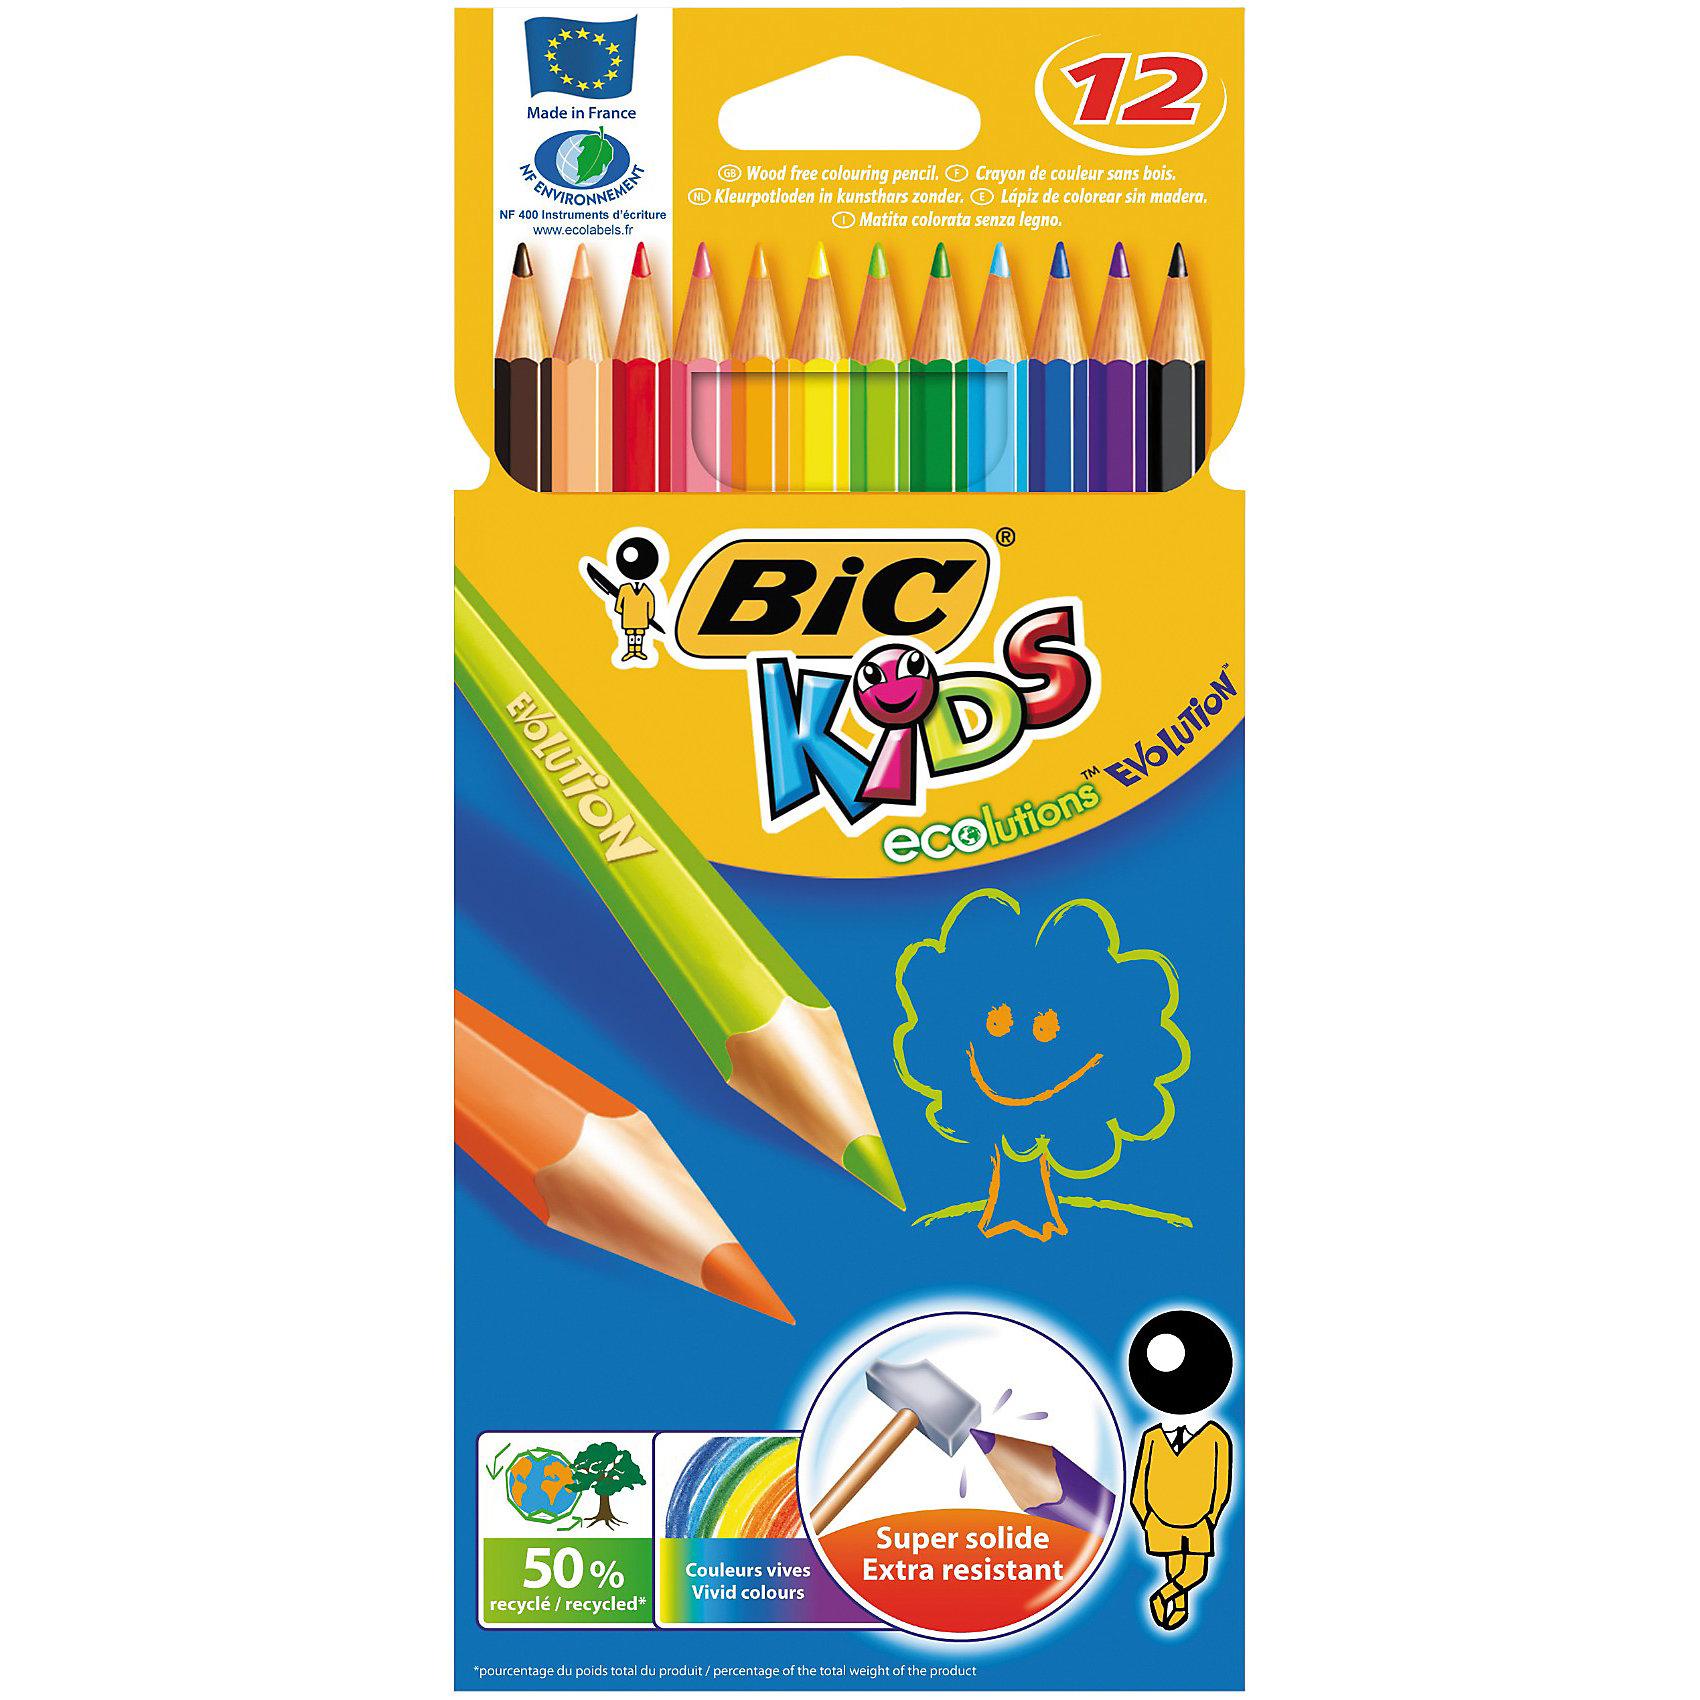 BIC Карандаши цветные  Эволюшен 12 цветовПисьменные принадлежности<br>Пластиковые цветные карандаши. Яркие цвета. Прочный стержень, устойчивый к ударам и падениям. Карандаш безопасен для детей - не расщепляется при механическом воздействии и не образует острых краев при изломе.<br><br>Ширина мм: 10<br>Глубина мм: 100<br>Высота мм: 212<br>Вес г: 62<br>Возраст от месяцев: 36<br>Возраст до месяцев: 1188<br>Пол: Унисекс<br>Возраст: Детский<br>SKU: 2493059